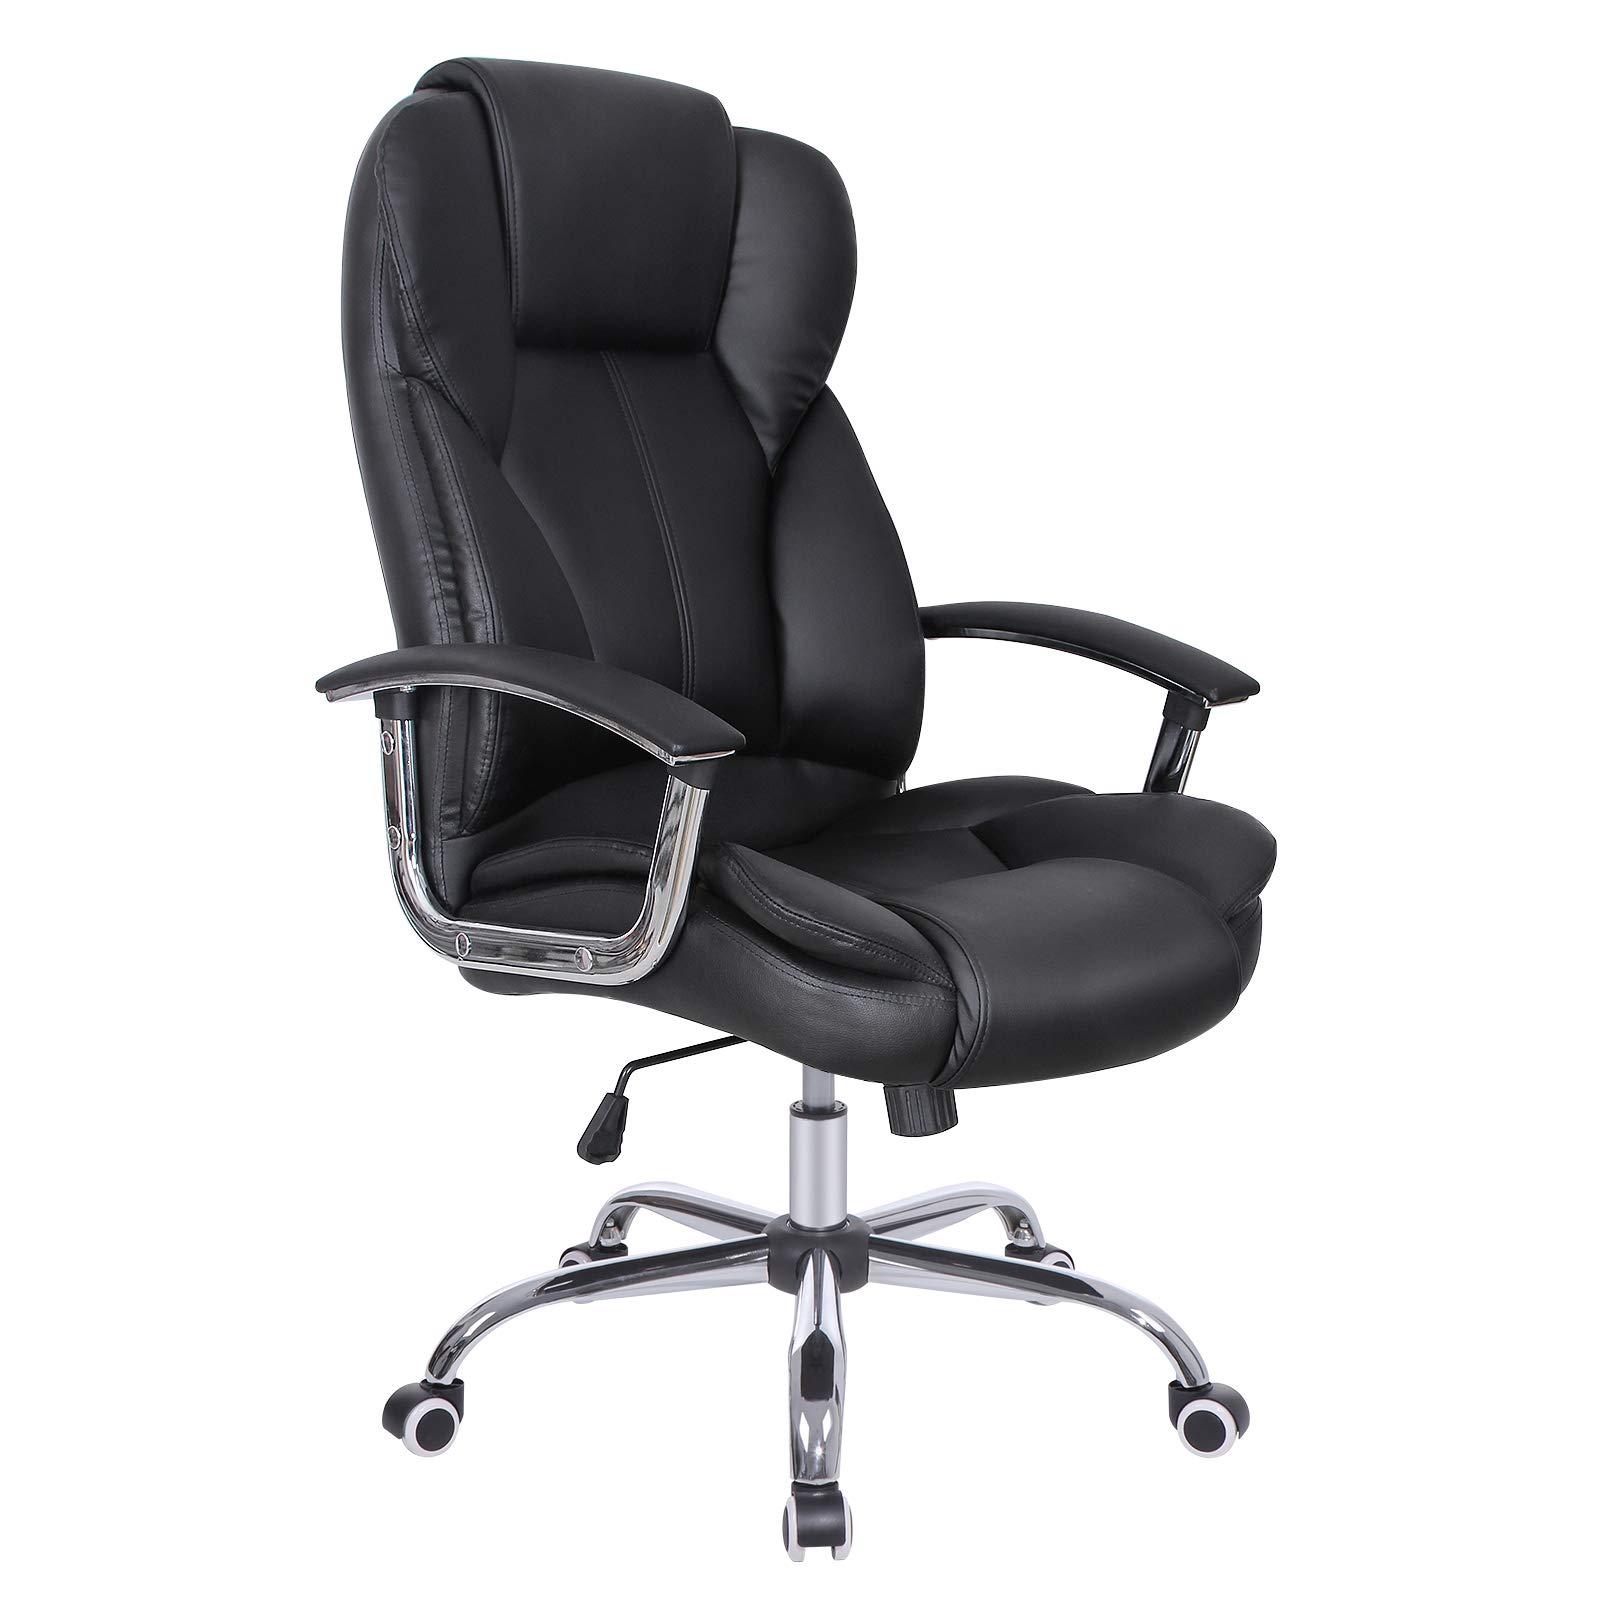 SONGMICS Fauteuil de bureau, Large assise rembourrée, avec Appui-tête, Hauteur réglable, Ergonomique, Noir OBG57B product image